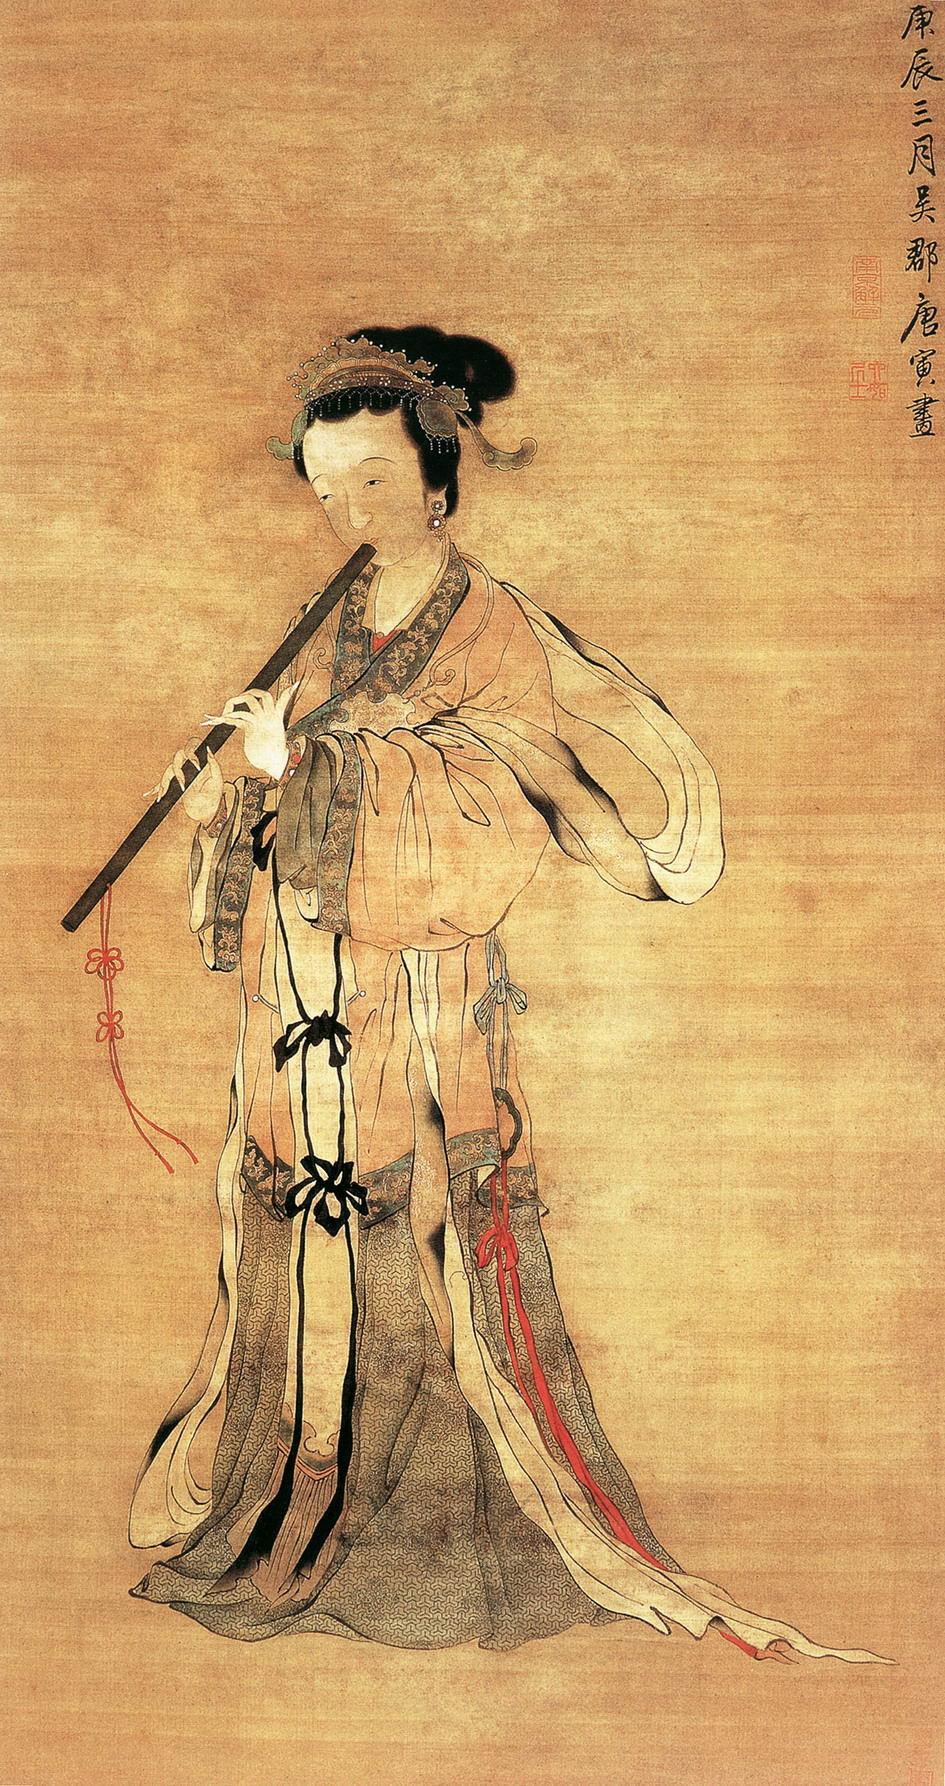 唐寅 吹箫图 绢本设色 164.8×89.5cm 南京博物院藏